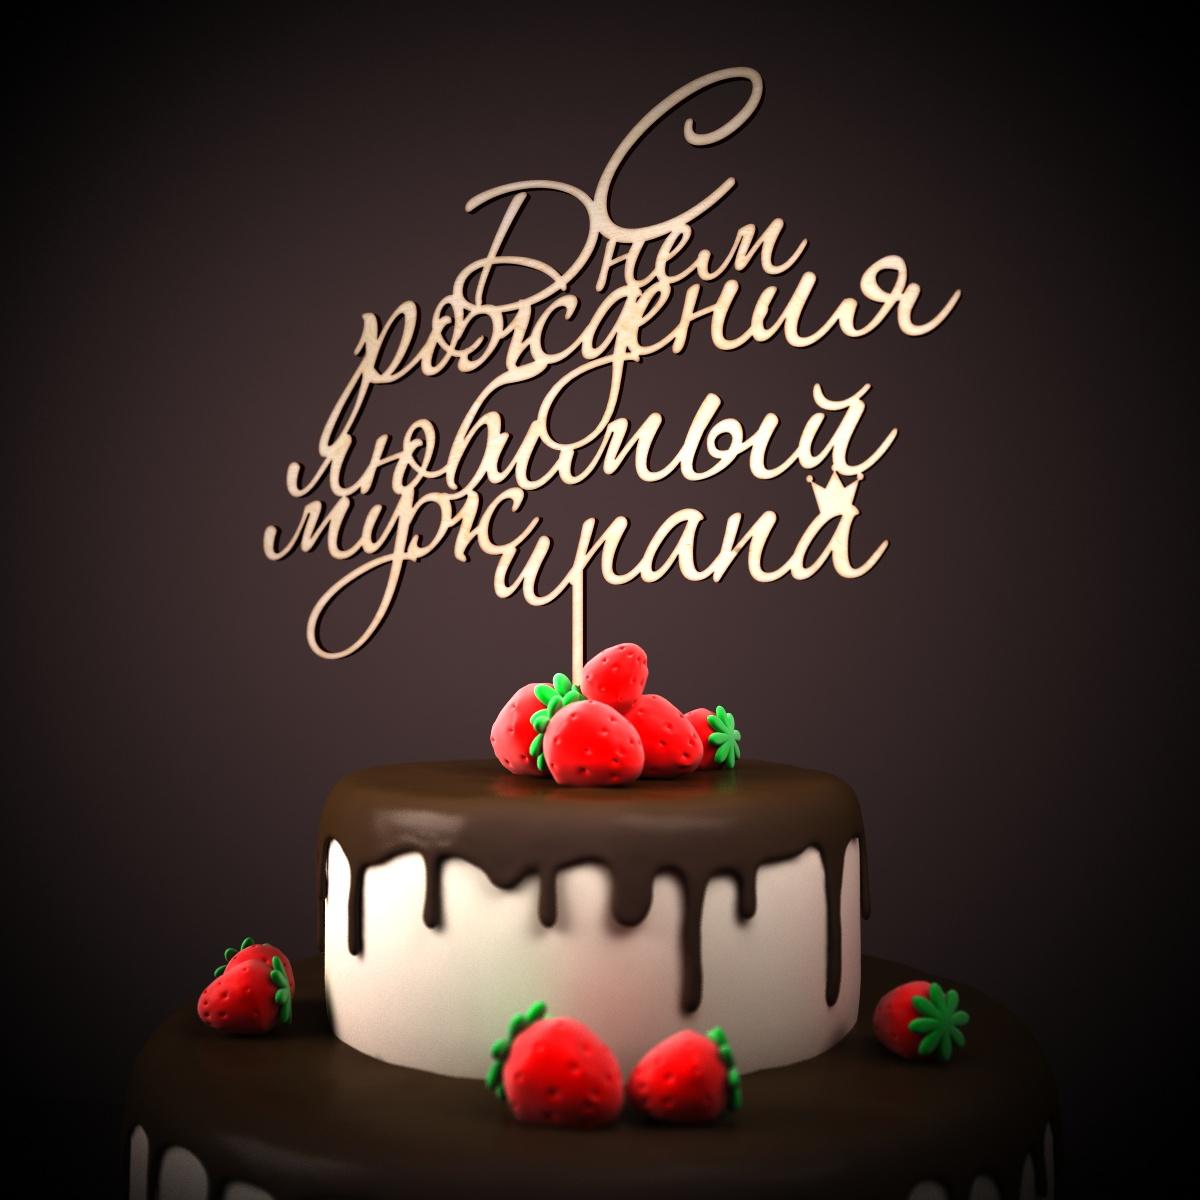 Красивое поздравление для мужа на день рождения